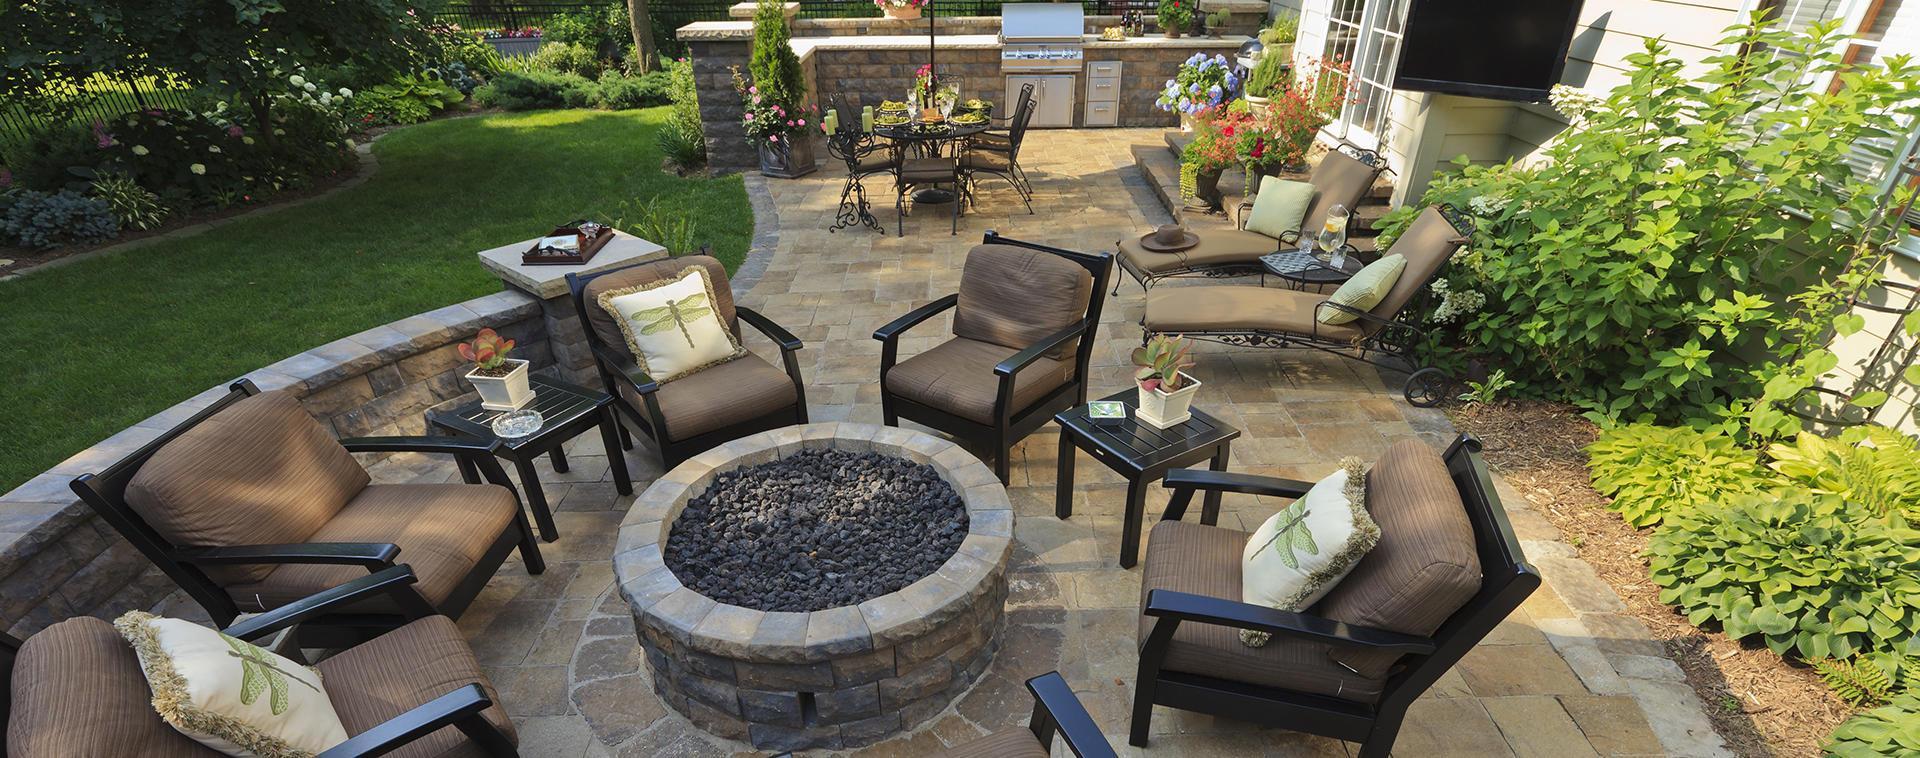 pavimento in pietra in un giardino esterno